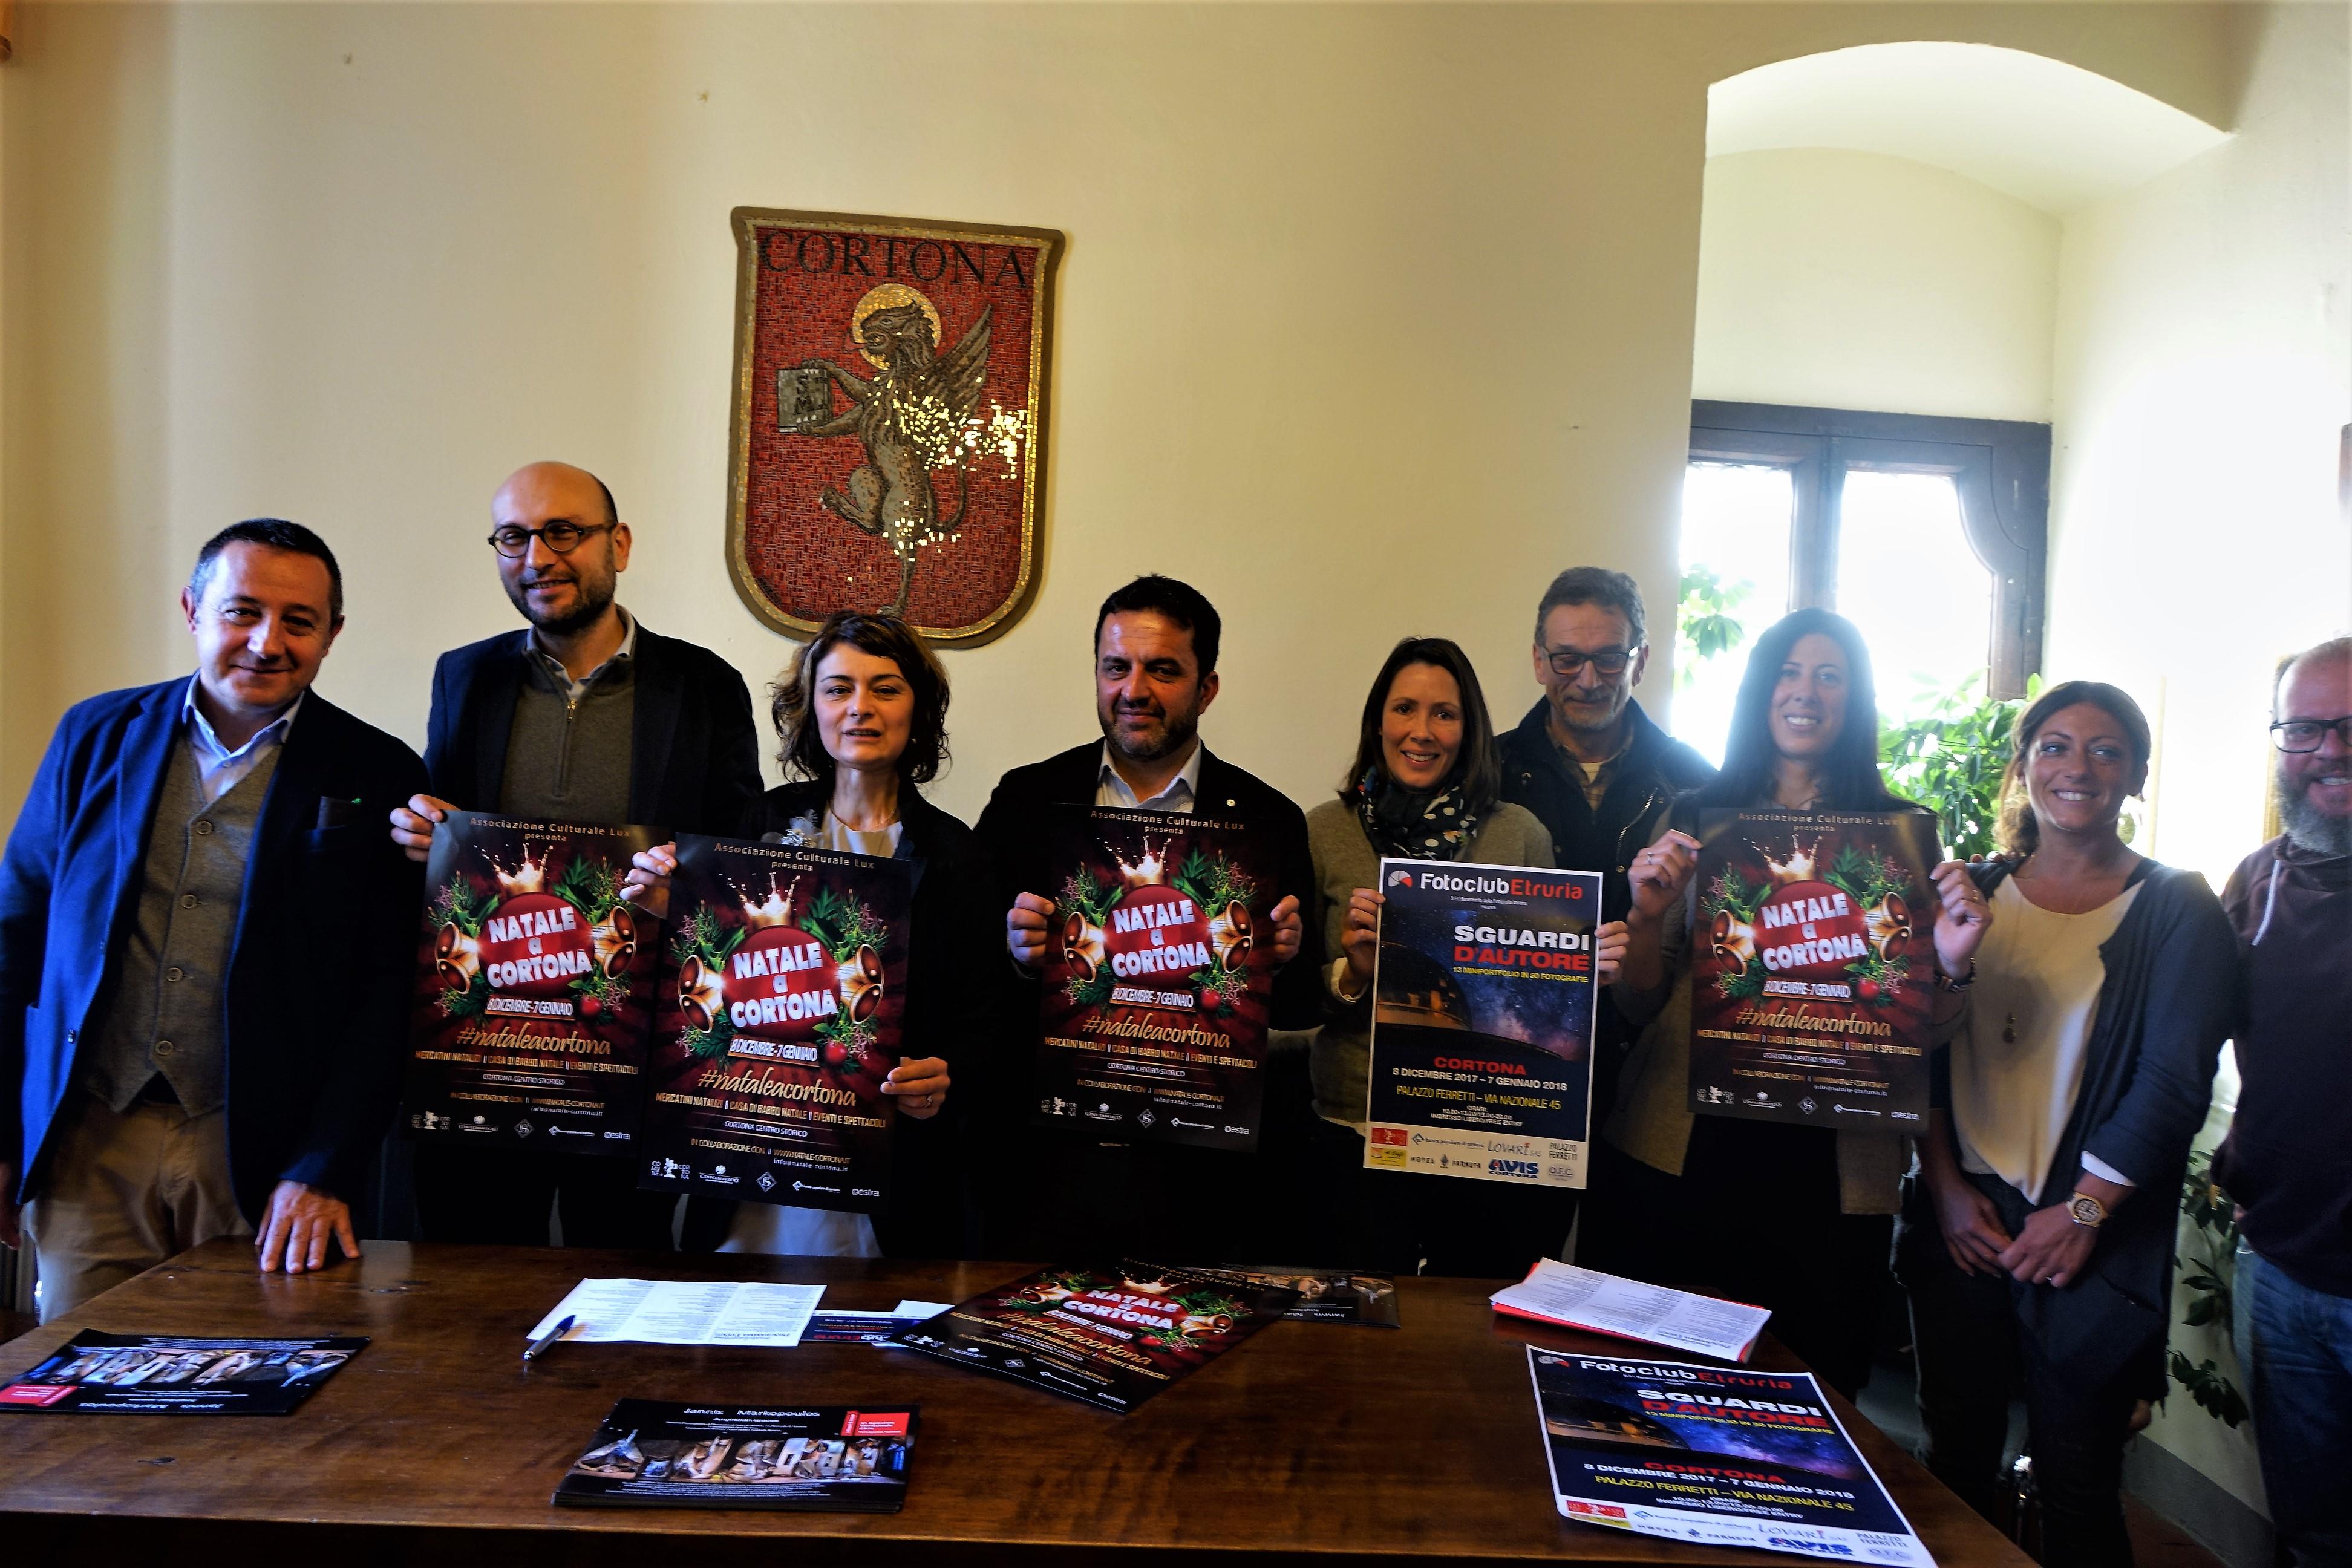 Natale a Cortona: presentato il cartellone degli eventi